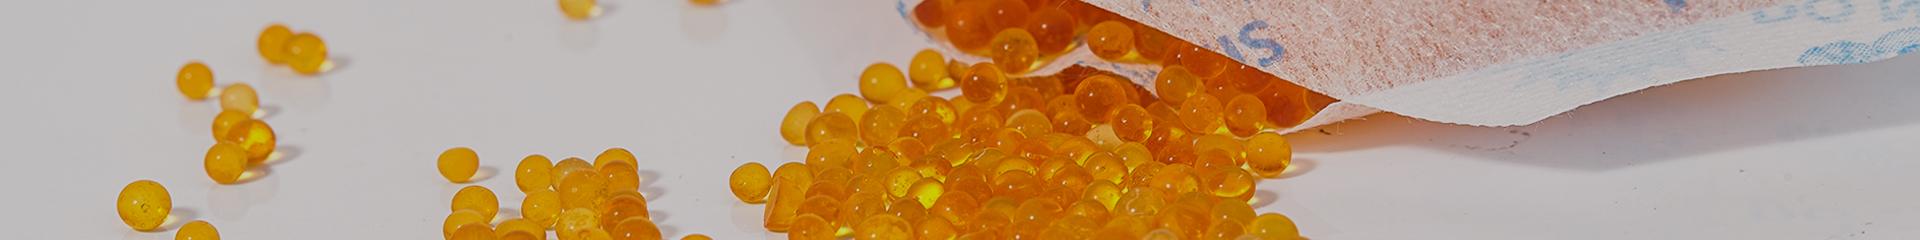 分子筛干燥剂